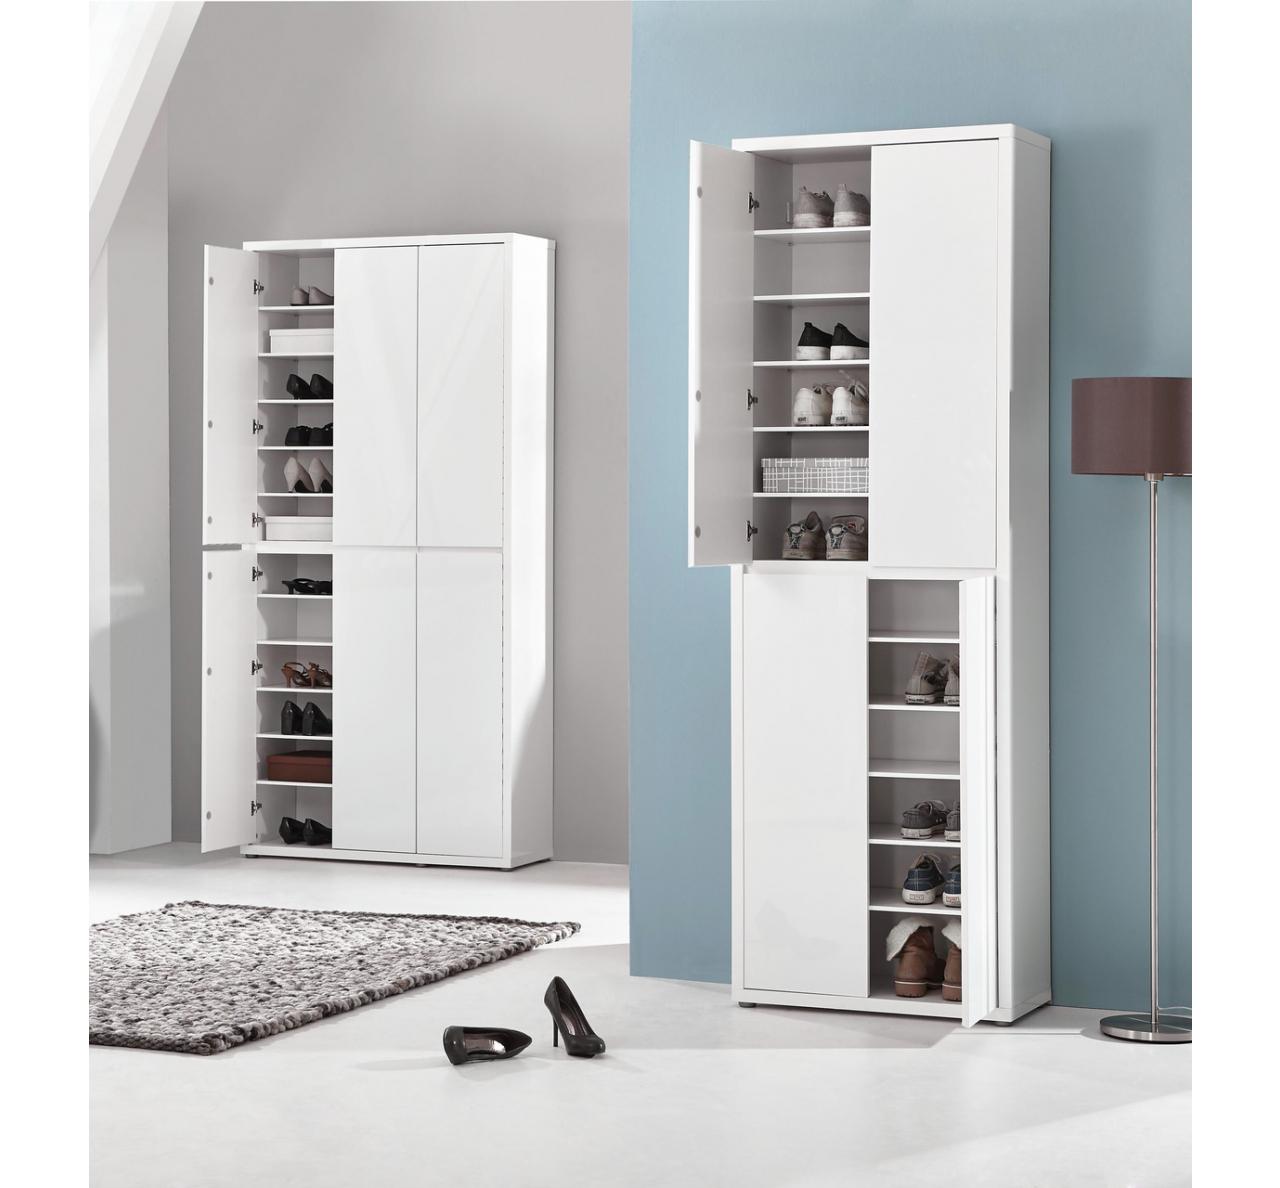 Full Size of Xora Jugendzimmer Xxl Schuh Mehrzweckschrank Line Jetzt Online Kaufen Bett Sofa Wohnzimmer Xora Jugendzimmer